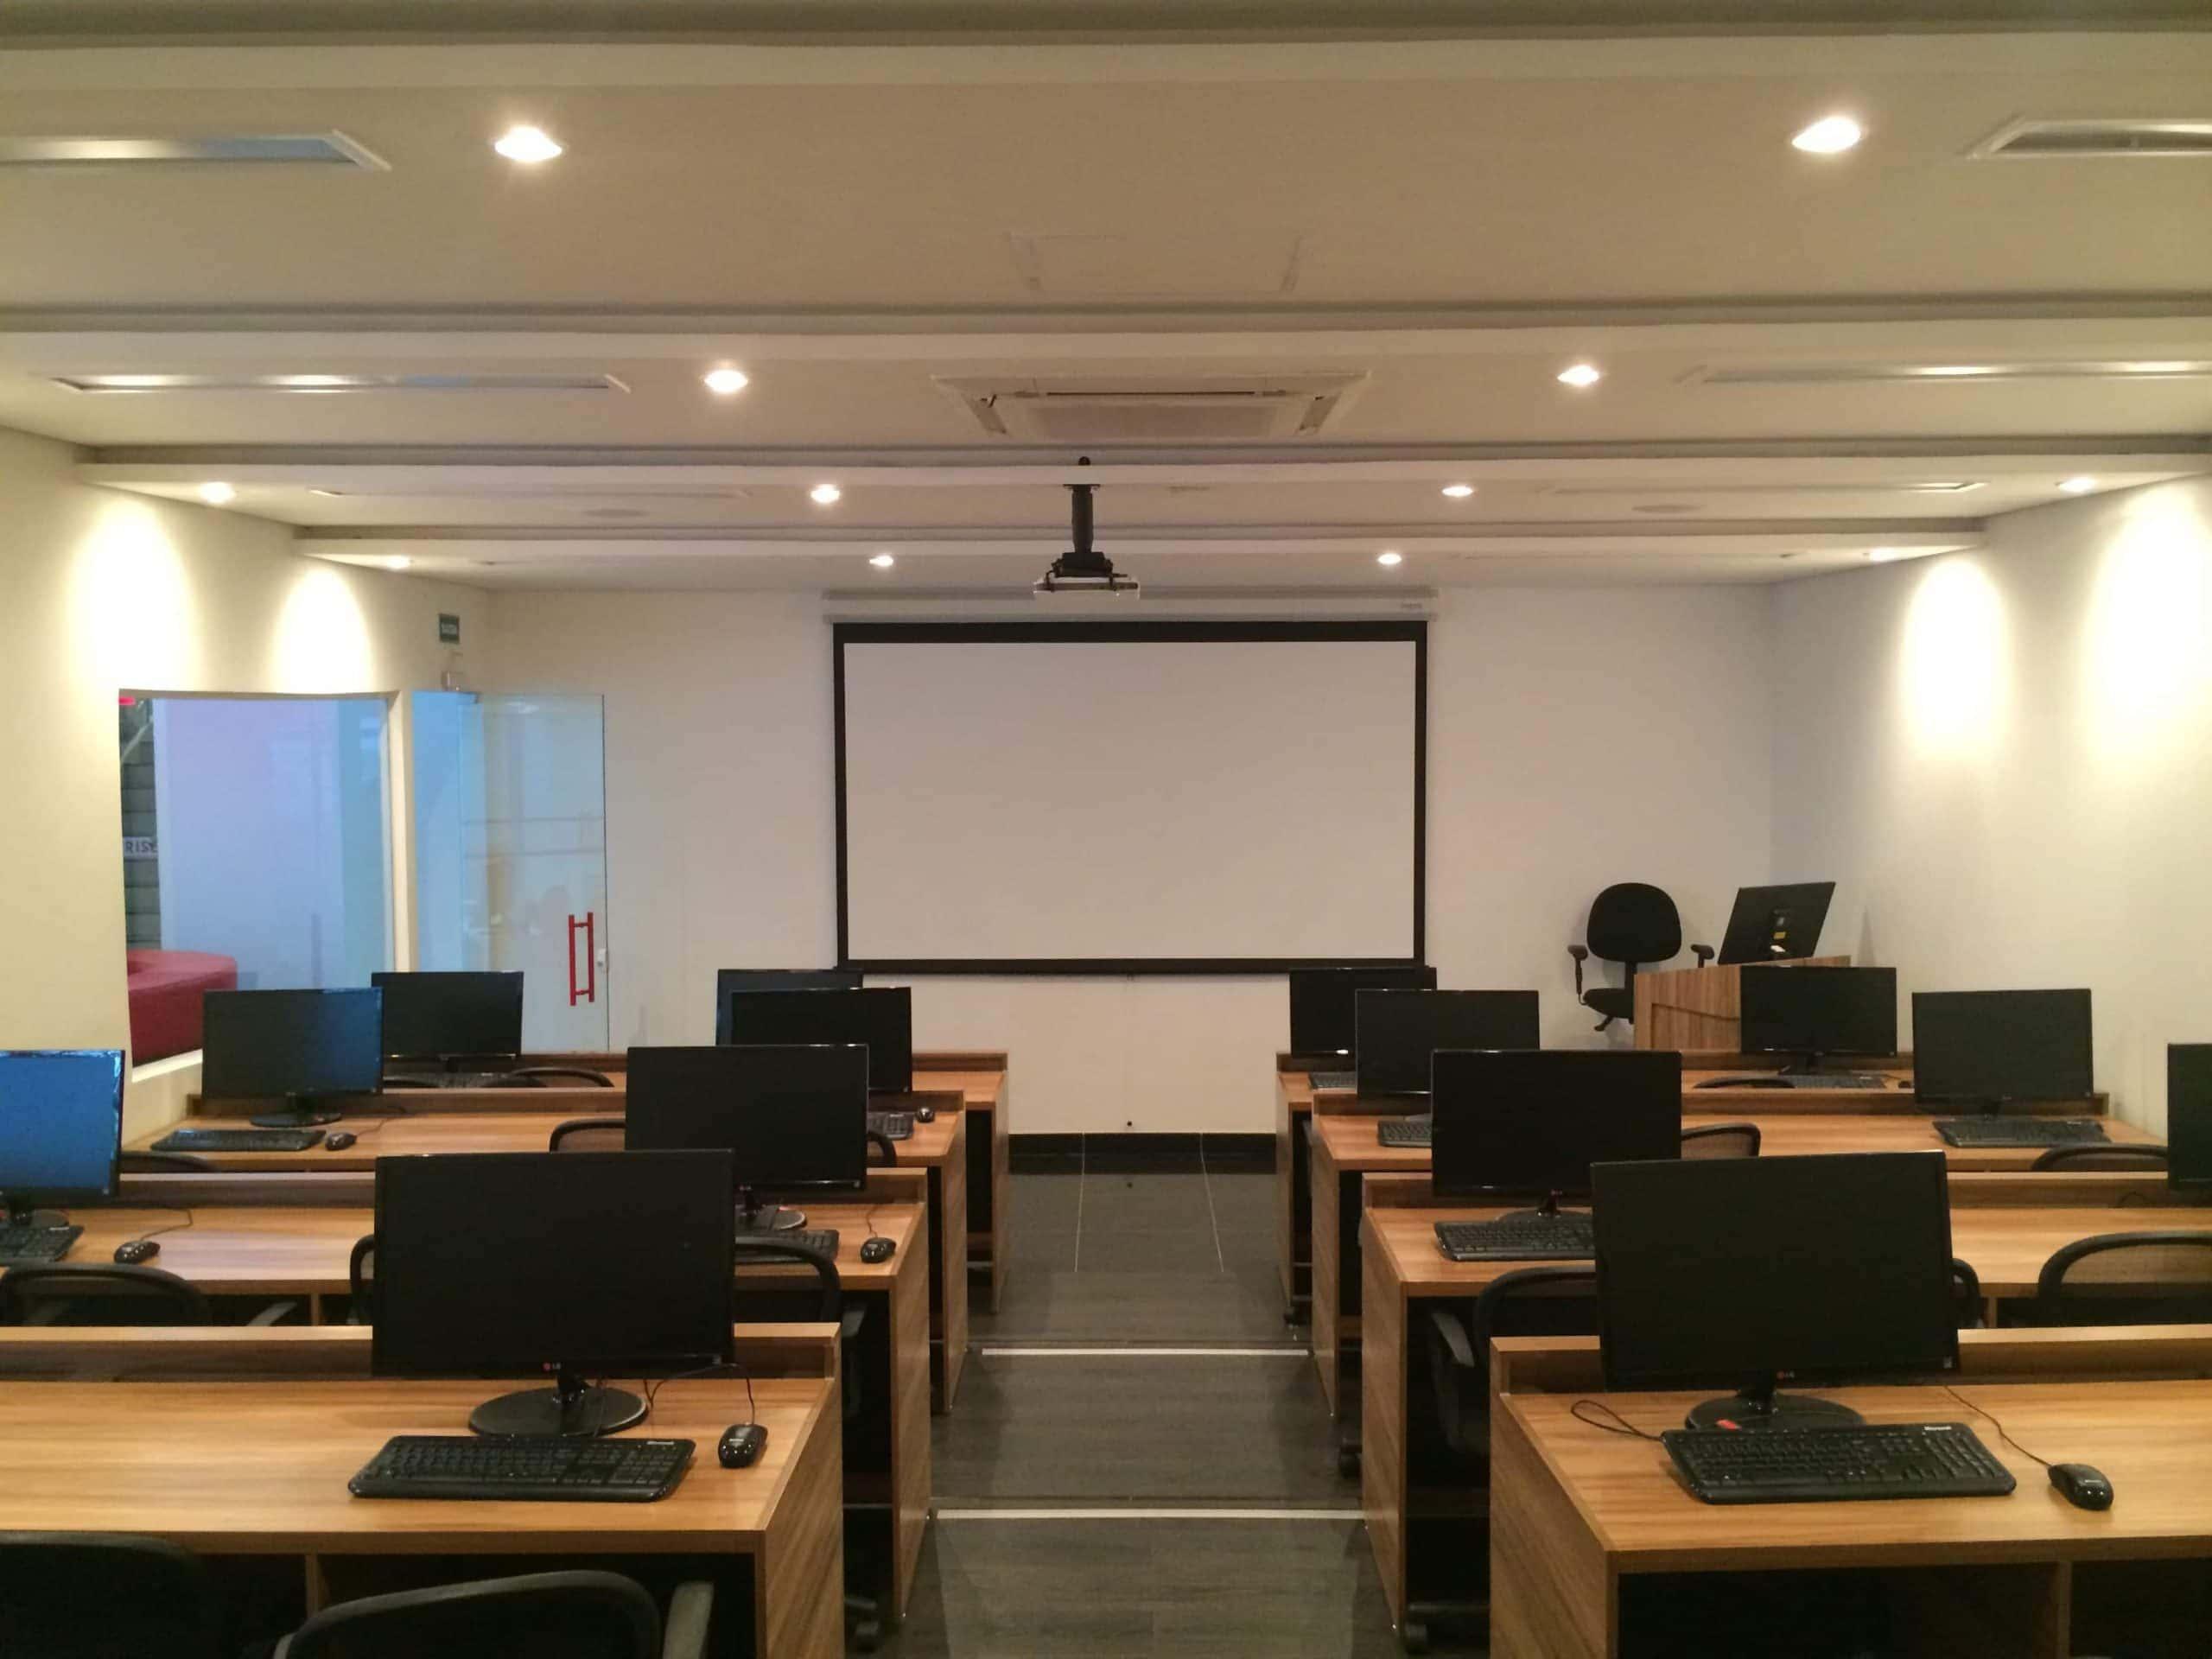 A-Modern-Day-Classroom-Built-By-Crunchy-Tech-In-Orlando-FL